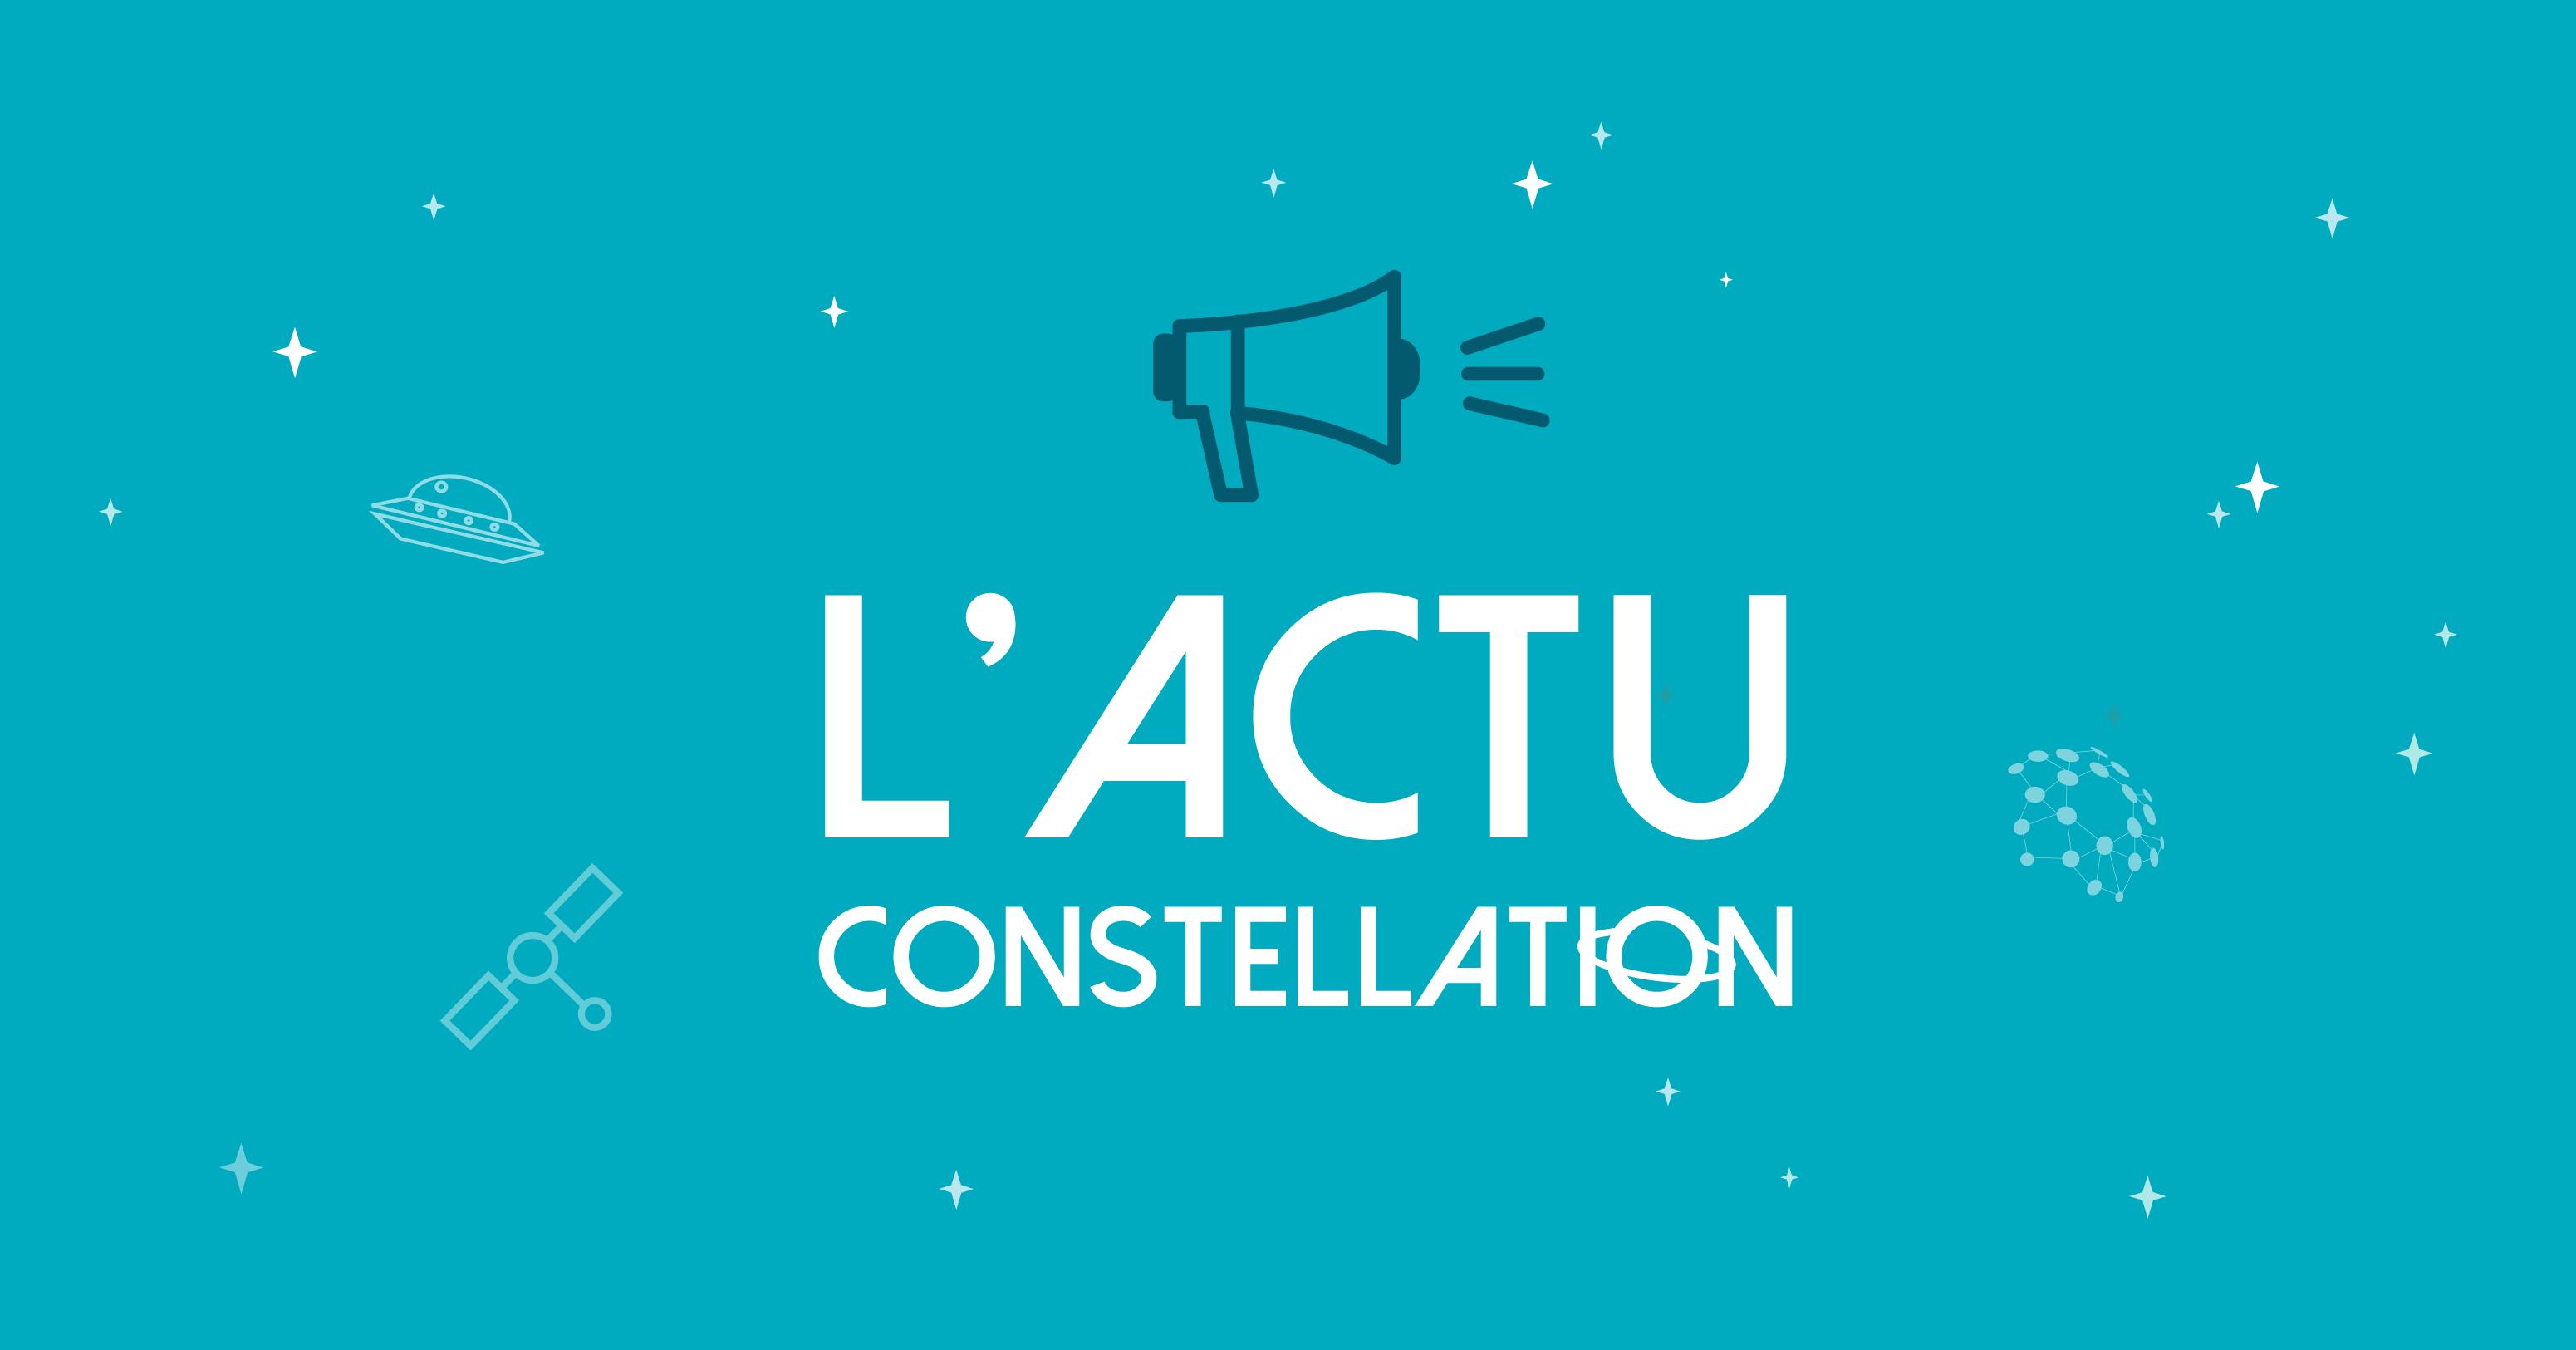 [Presse] Constellation accélère en région et repense l'Infogérance en environnements Multi-cloud